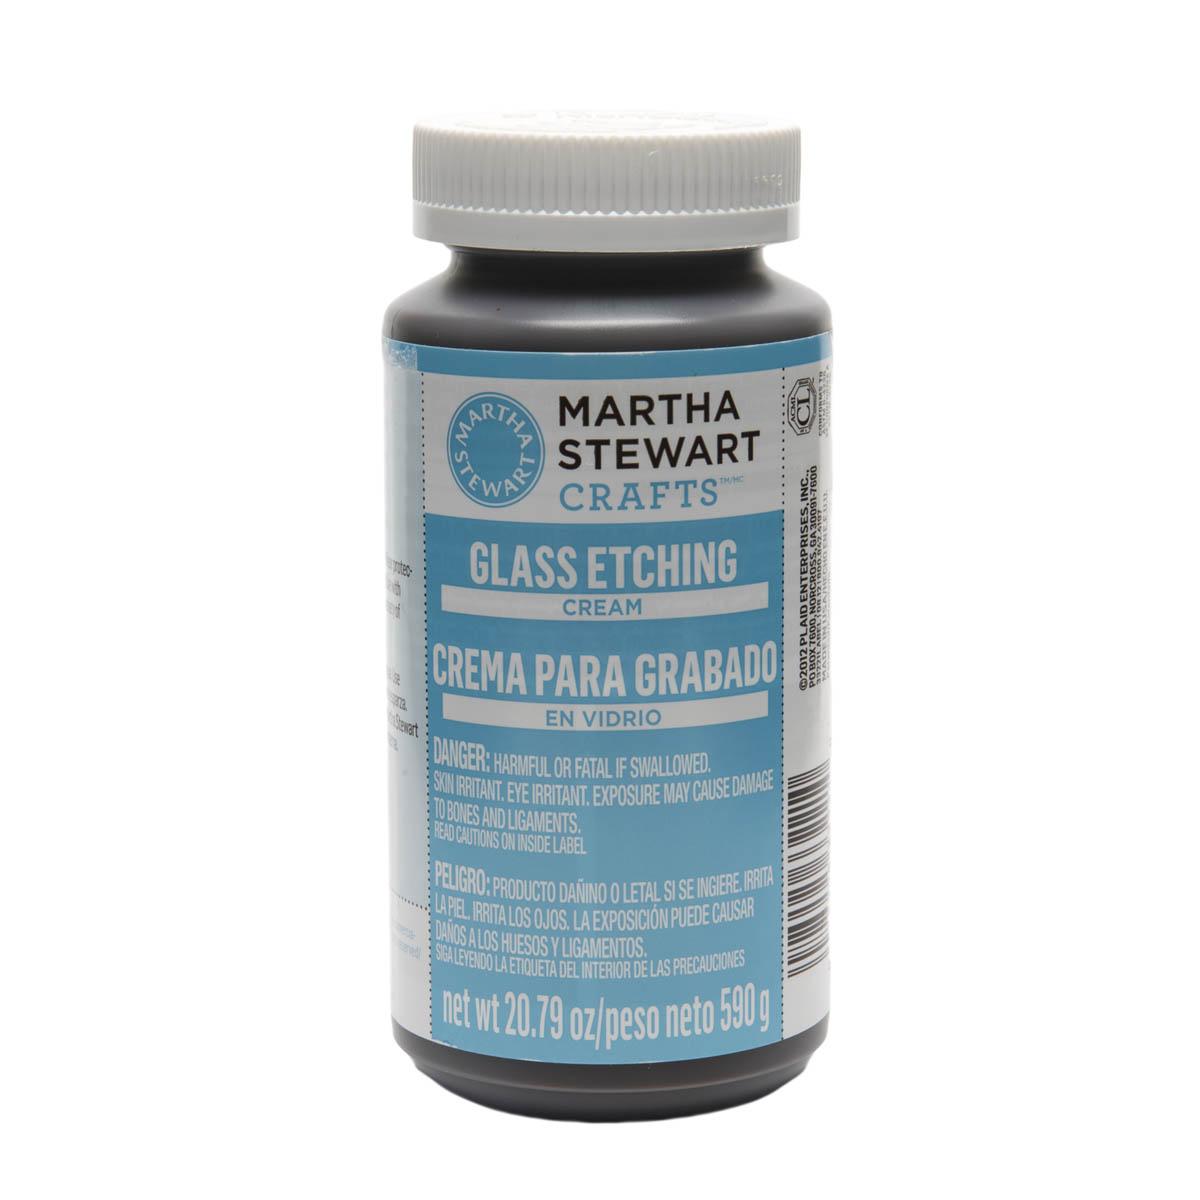 MARTHA STEWART GLASS ETCH CREAM 20.79 OZ NTWT (US)